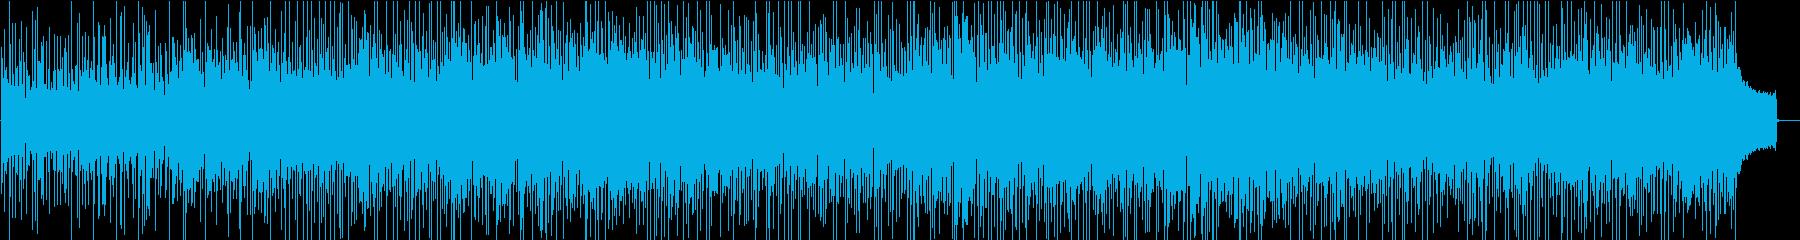 英詞ロケンロールへようこそブリットポップの再生済みの波形